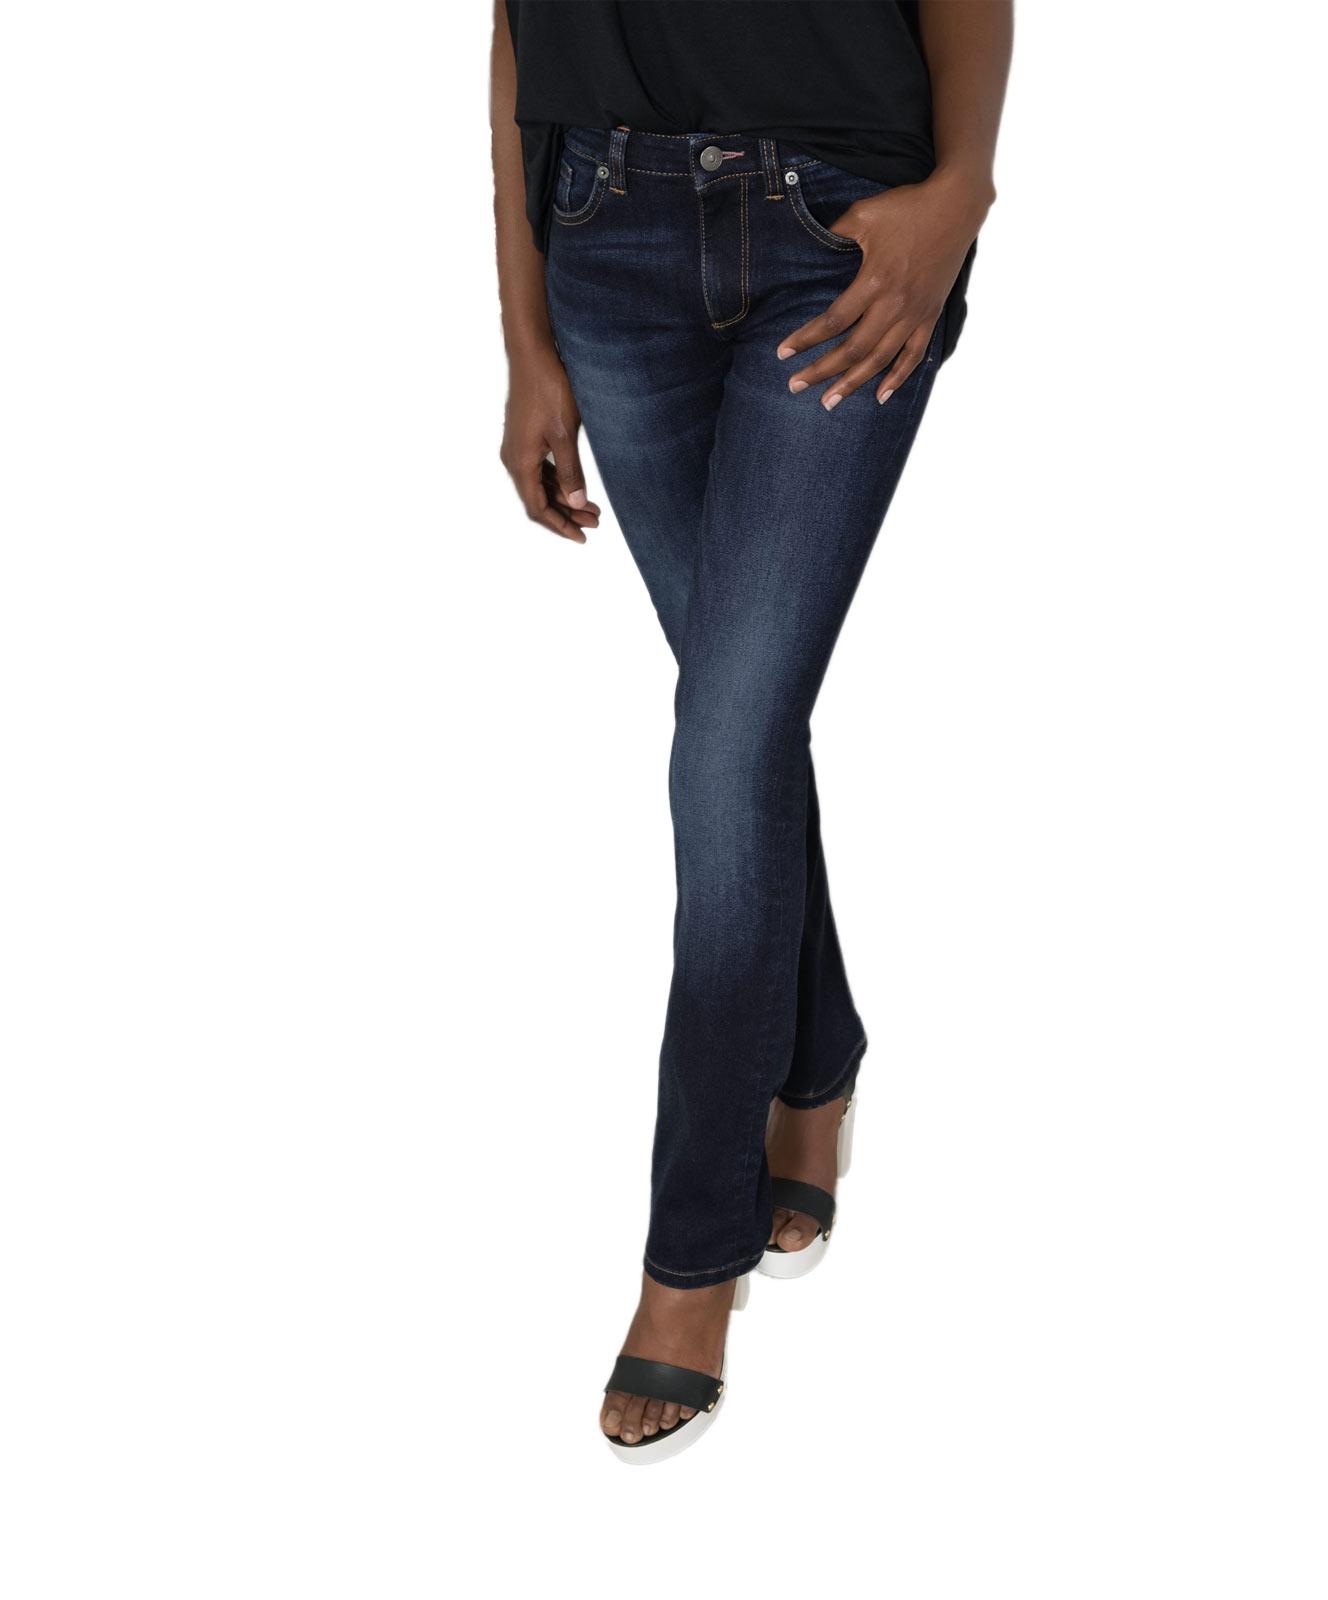 Hosen für Frauen - HIS COLETTA Jeans Straight Fit Advanced Dark Blue  - Onlineshop Jeans Meile